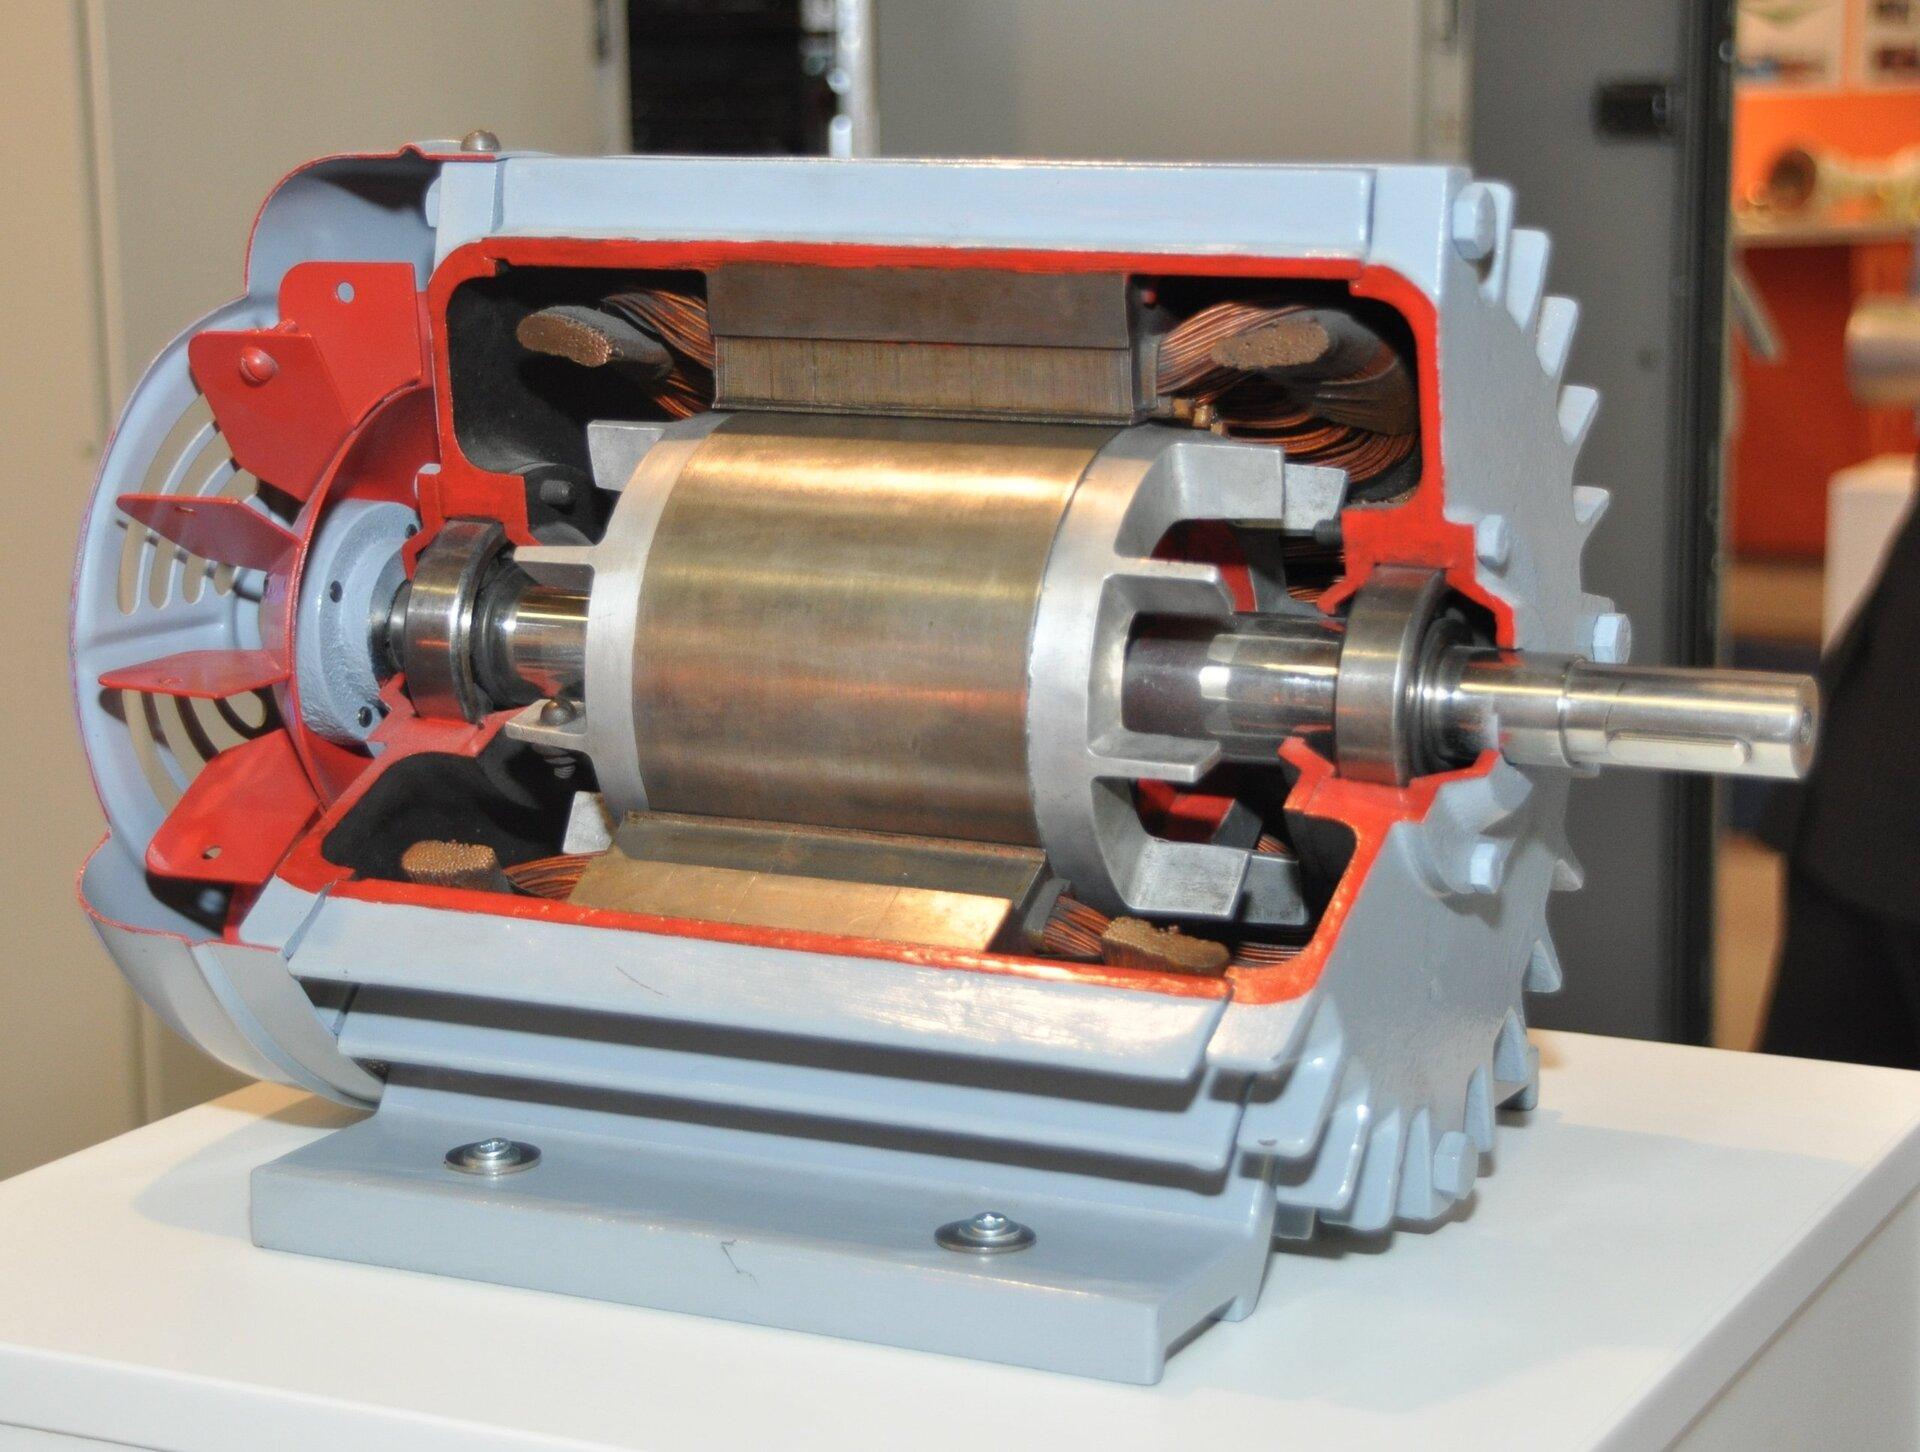 Zdjęcie przedstawia przekrój pokazowy silnik elektryczny. zwyciętą mniej więcej jedną trzecią korpusu celem ukazania budowy wewnętrznej urządzenia. Wcentralnej części znajduje się wirnik, czyli część obrotowa. Ma ona postać długiego wału do którego przymocowany jest metalowy nieregularny cylinder otoczony blachą pełniącą rolę komutatora. Komutator ugóry iudołu przekroju styka się zmetalowymi szczotkami, do których podłączona jest wiązka kabli elektrycznych. Zewnętrzna część korpusu silnika pomalowana jest na kolor srebrny, natomiast część wewnętrzną wyróżniono kolorem czerwonym.